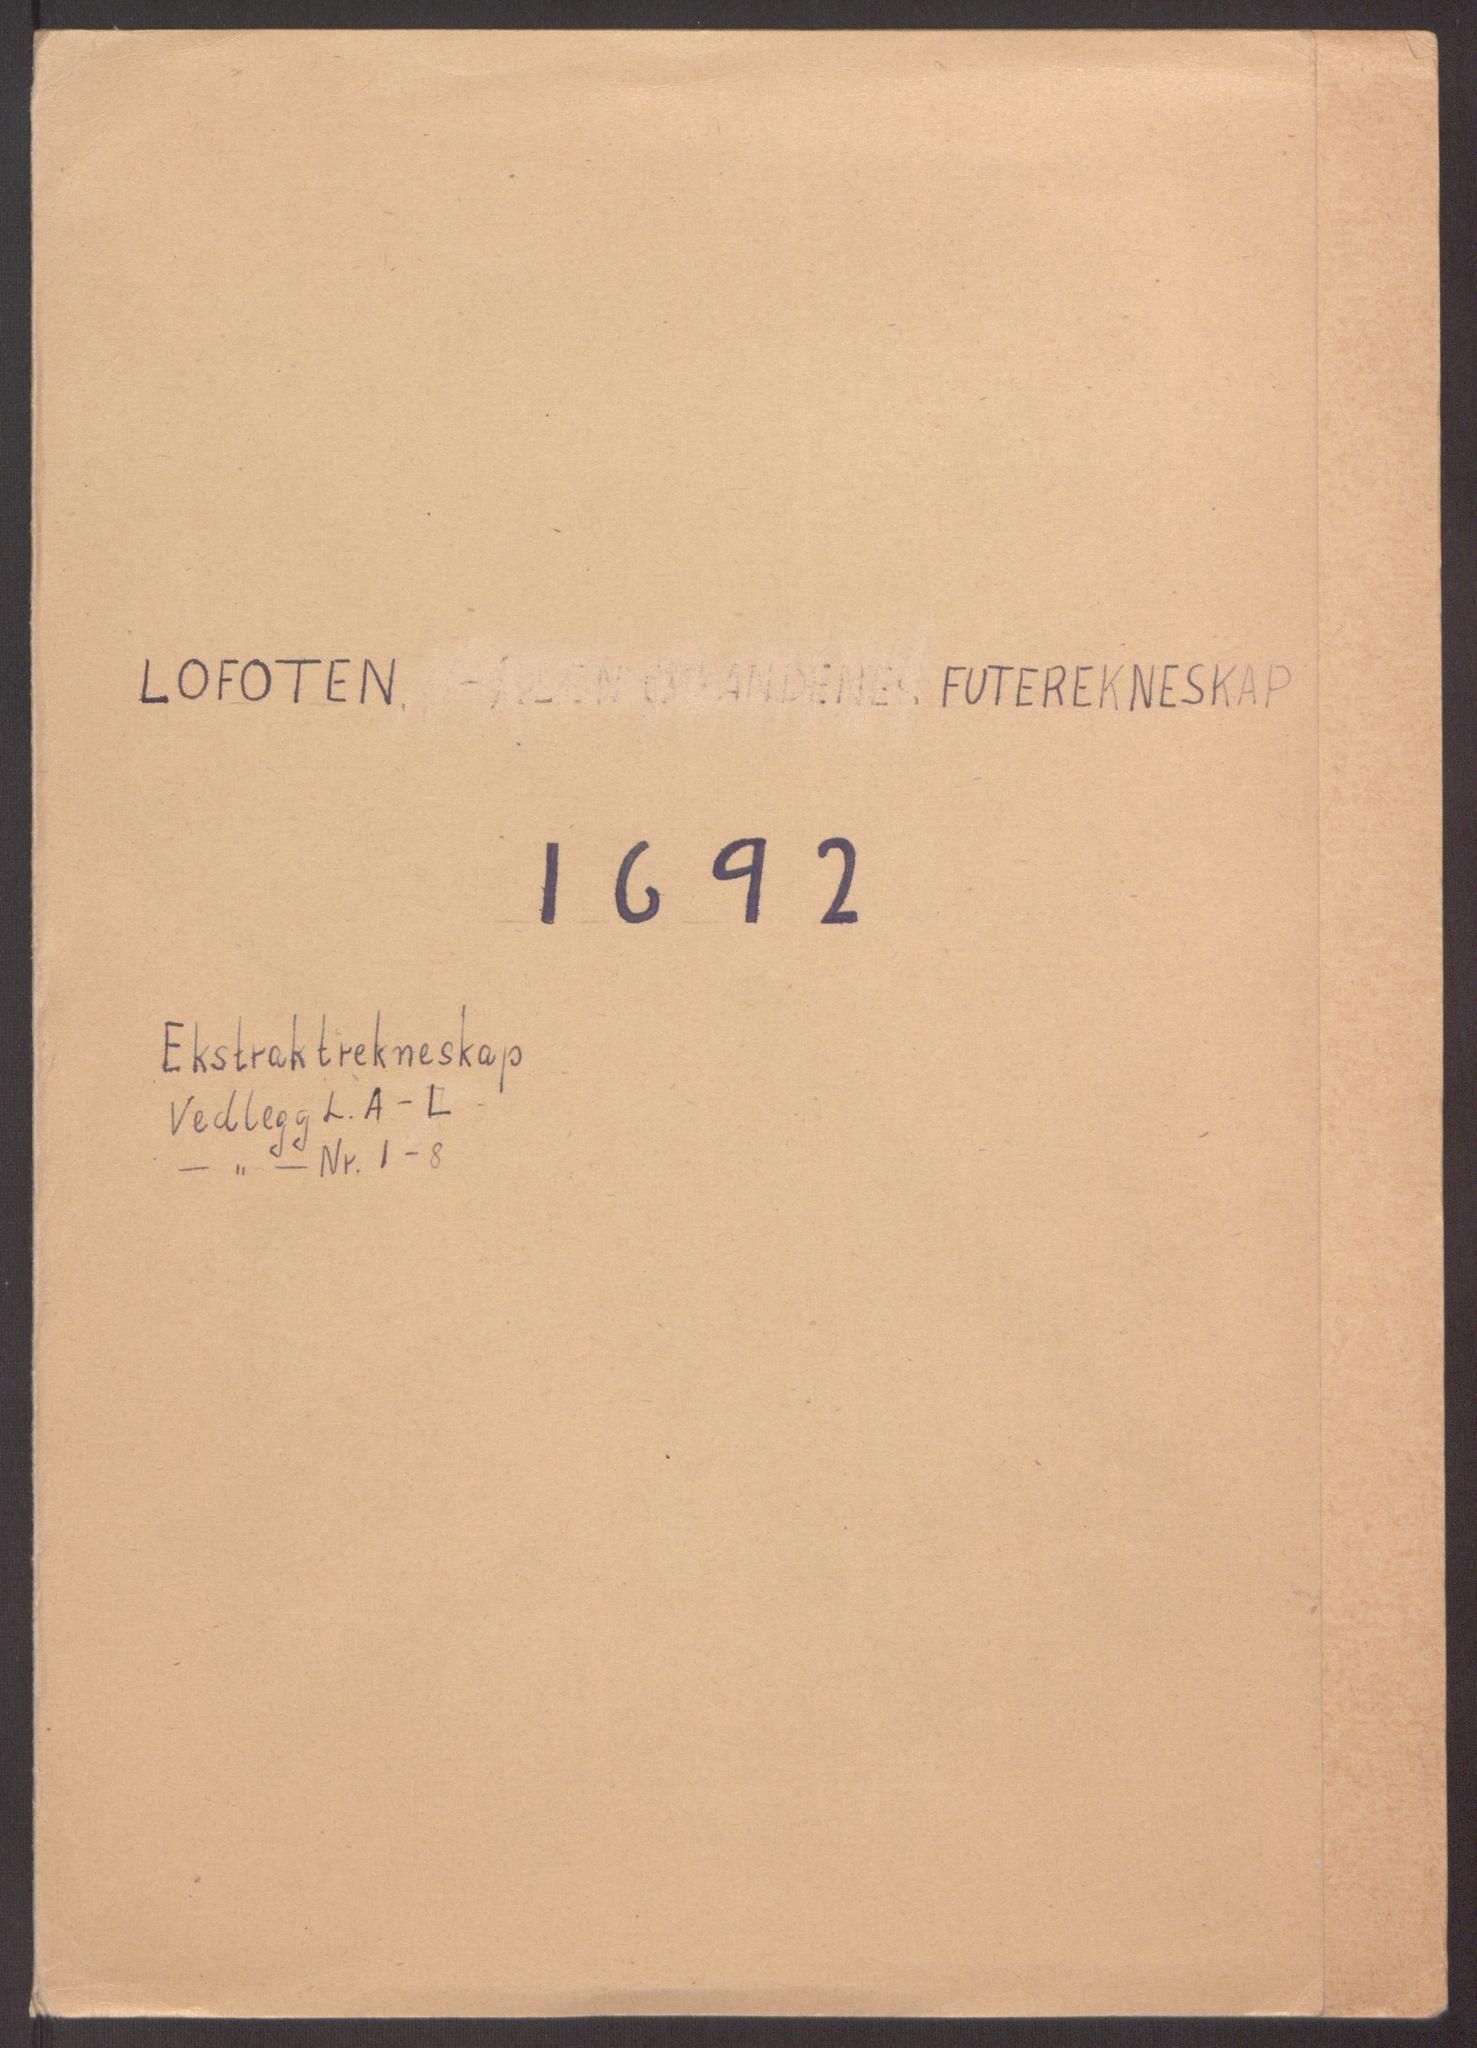 RA, Rentekammeret inntil 1814, Reviderte regnskaper, Fogderegnskap, R67/L4675: Fogderegnskap Vesterålen, Andenes og Lofoten, 1691-1693, s. 110